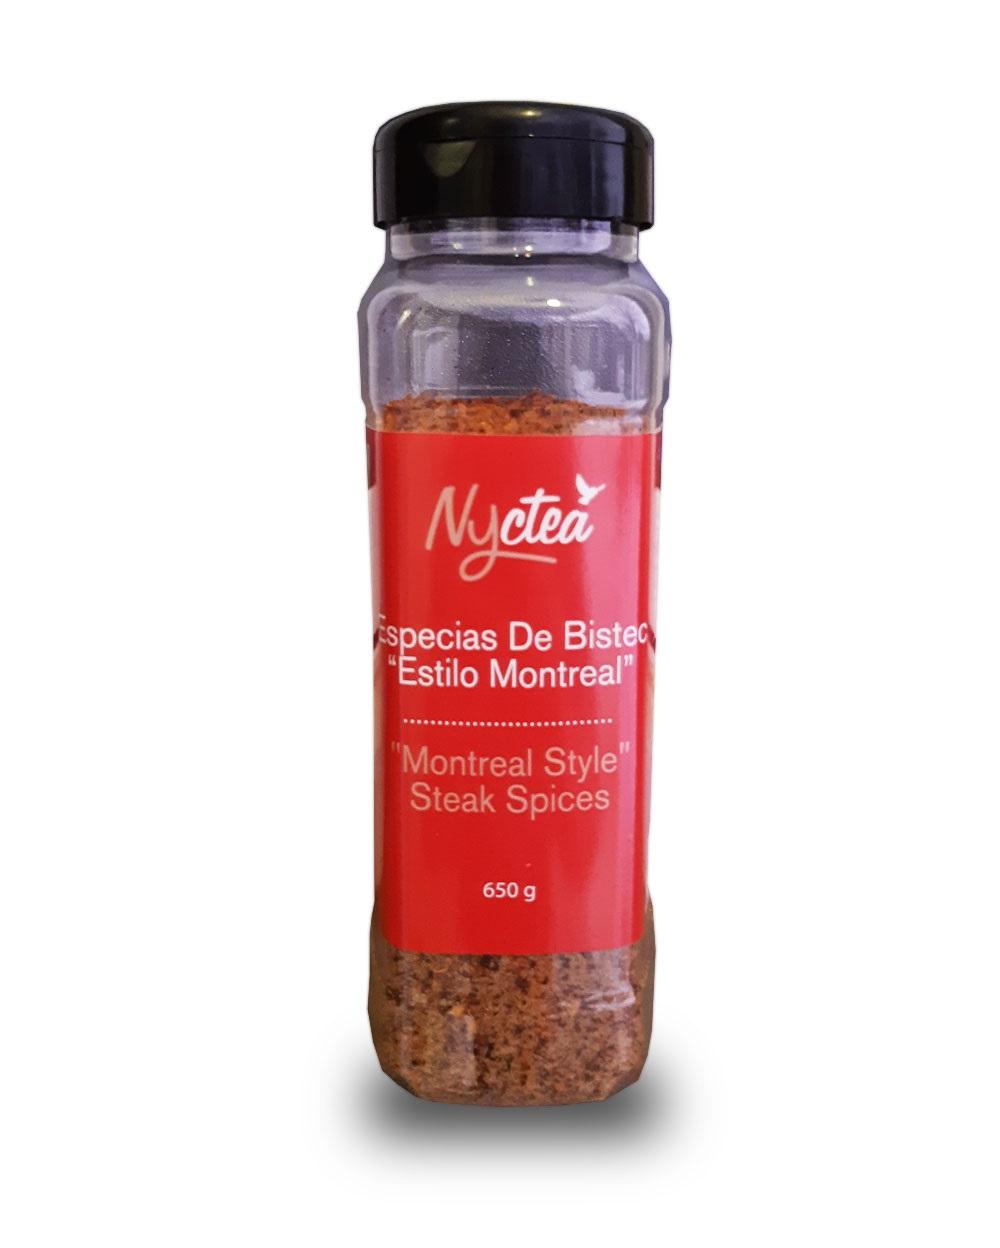 """Épices à steak de Montréal 650 g*_*Montreal Style Steak spices  650 g*_*Especias De Bistec """"Estilo Montreal"""" 650 g"""